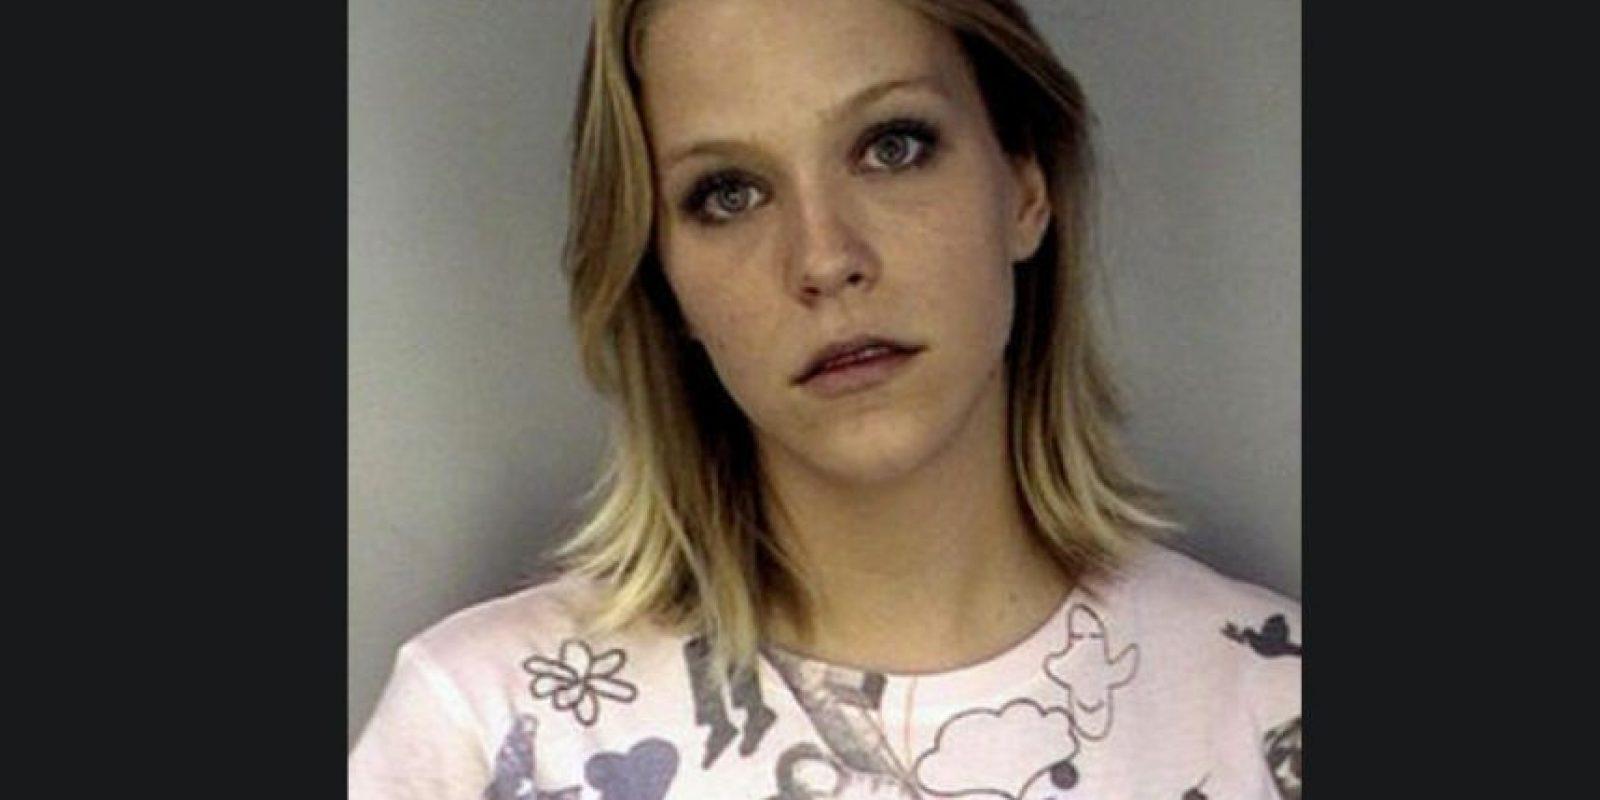 Debra Lafave fue acusada en Florida de abusar a un menor de 16 años. Foto:Hillsborough County Jail